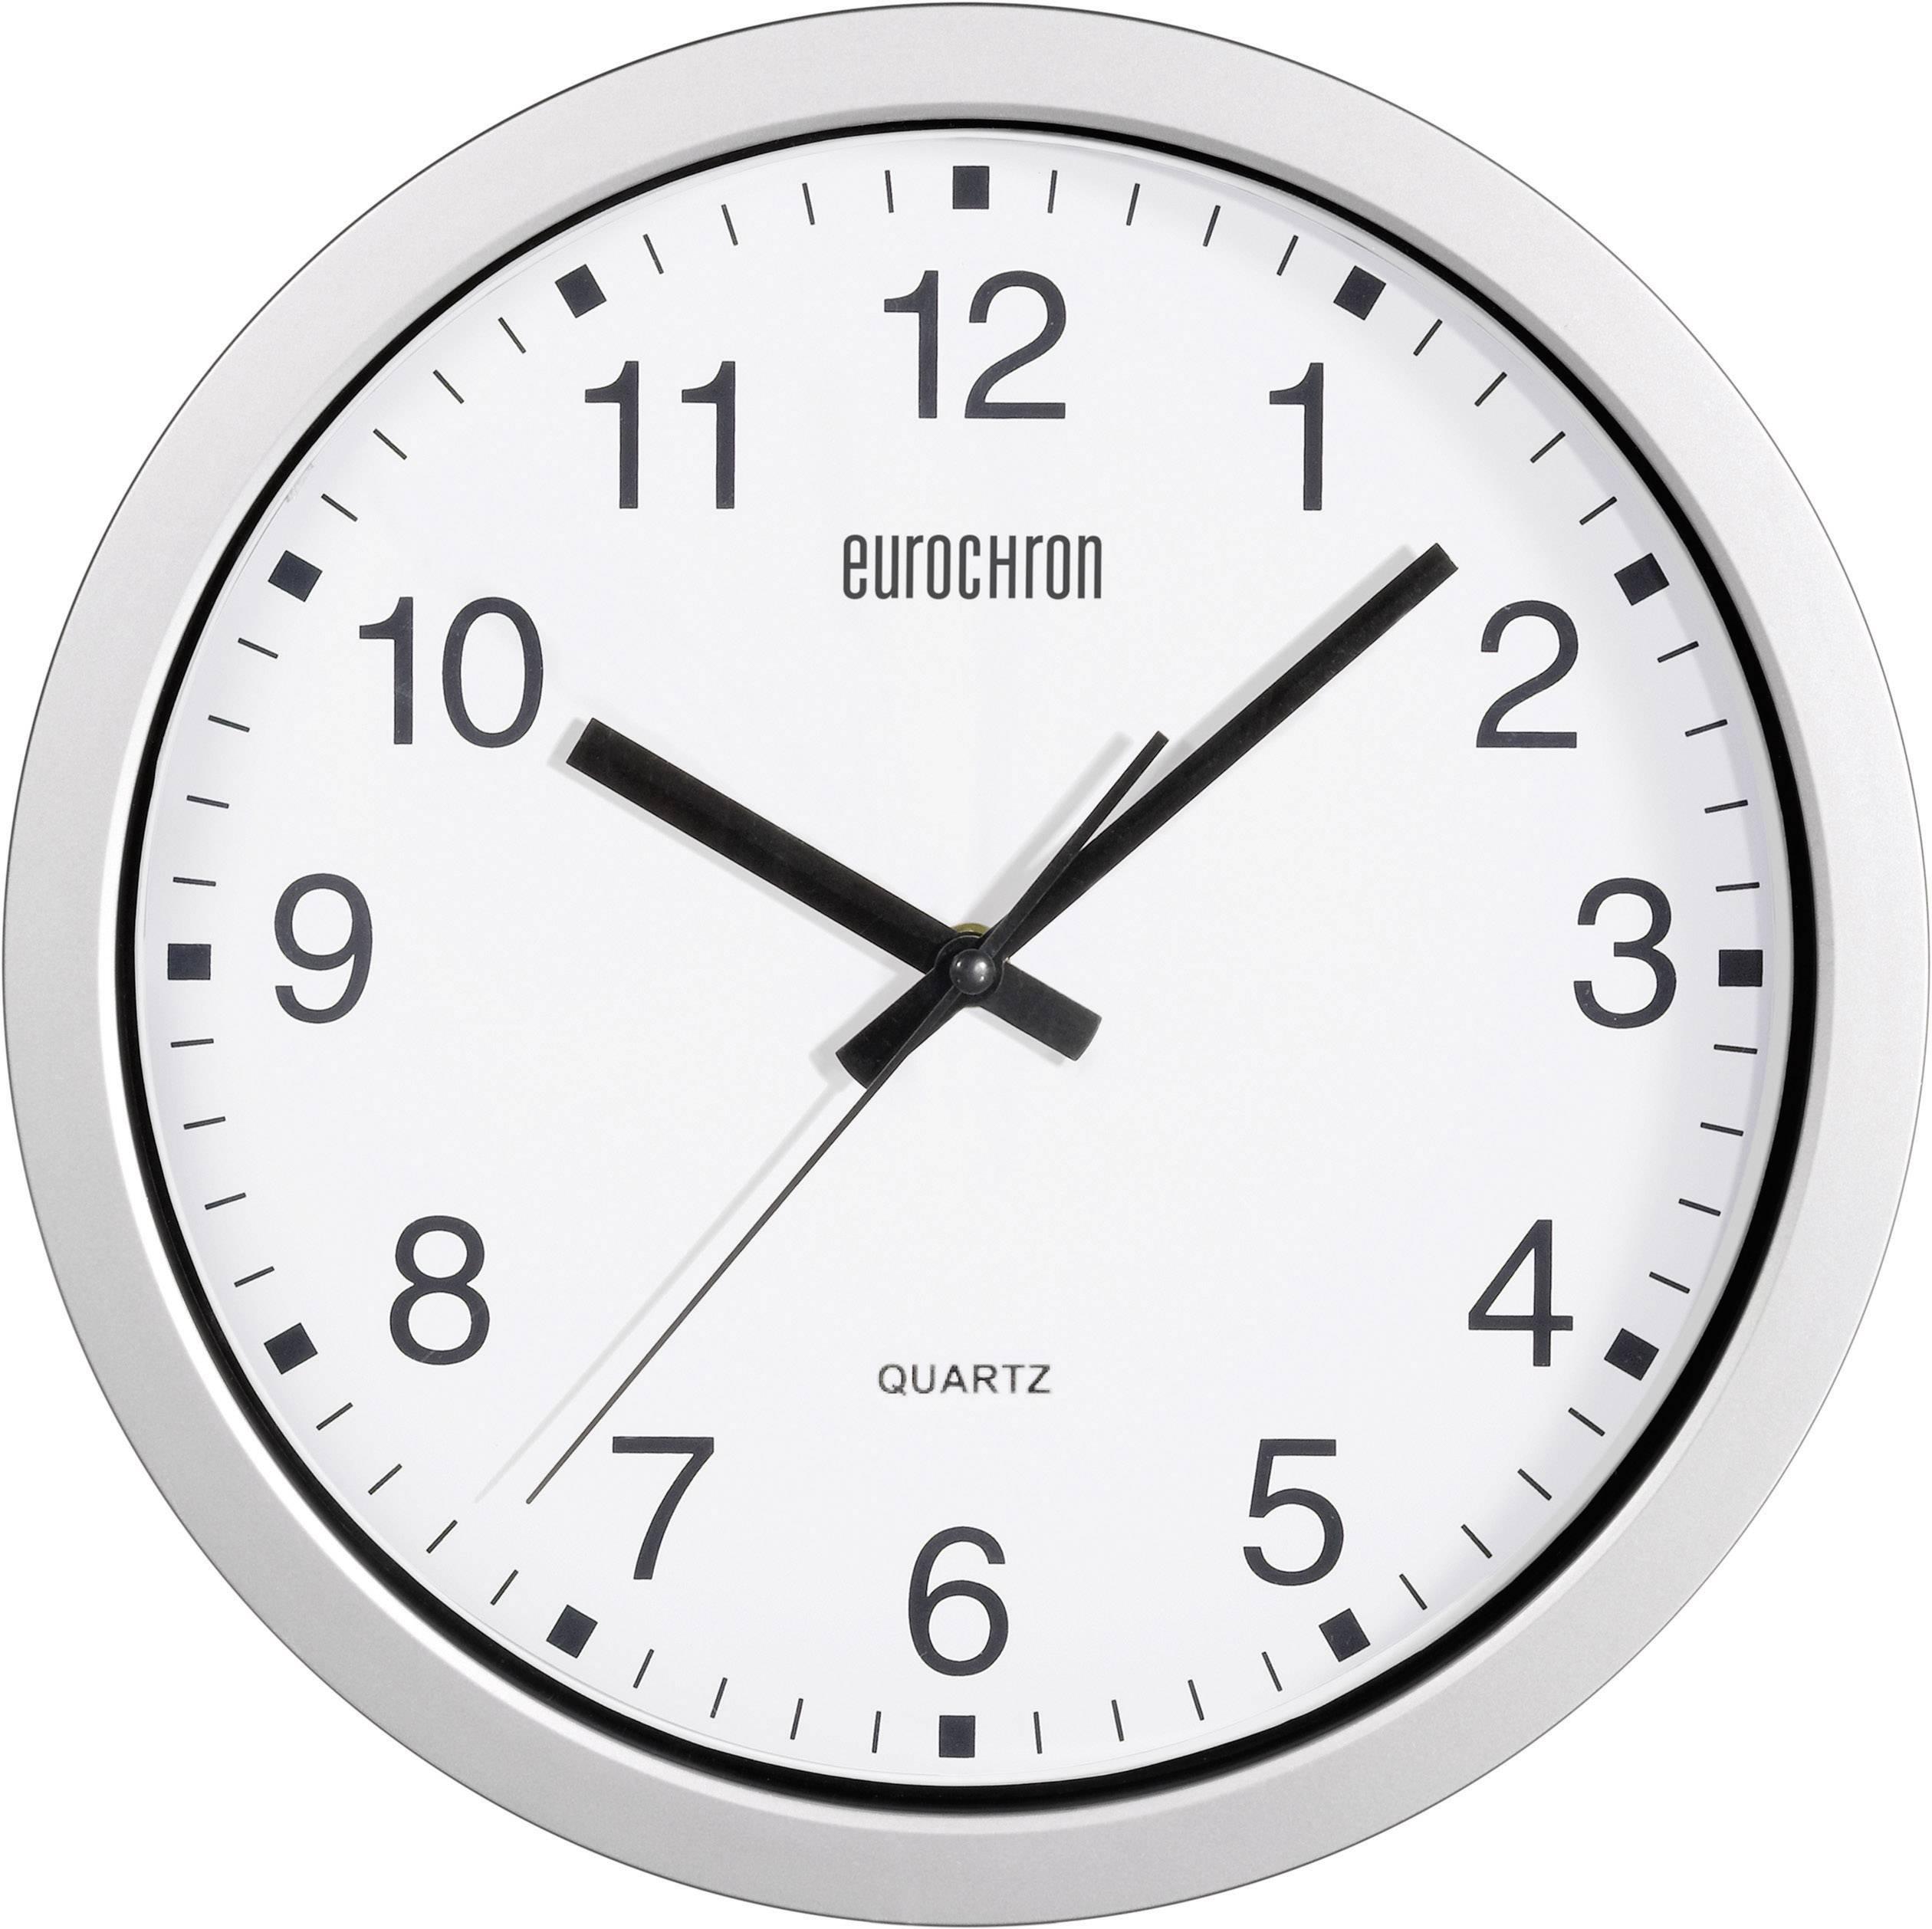 Eurochron A3199 Quartz Wall Clock 30 5 Cm X 3 8 Cm Silver Conrad Com